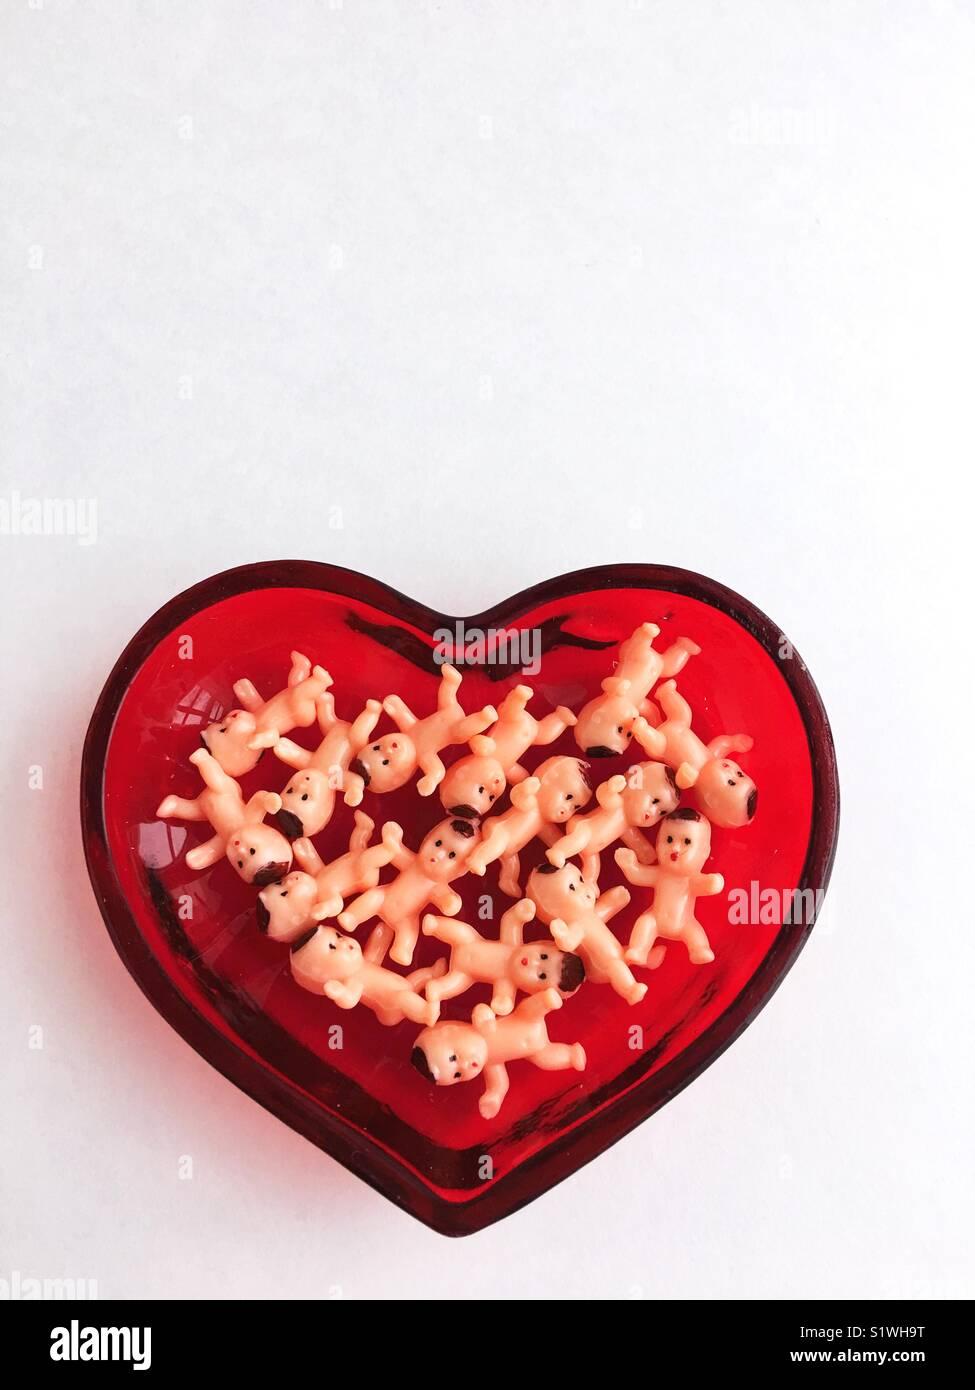 Giocattolo di plastica baby dolls in un cuore piatto sagomato. Immagini Stock